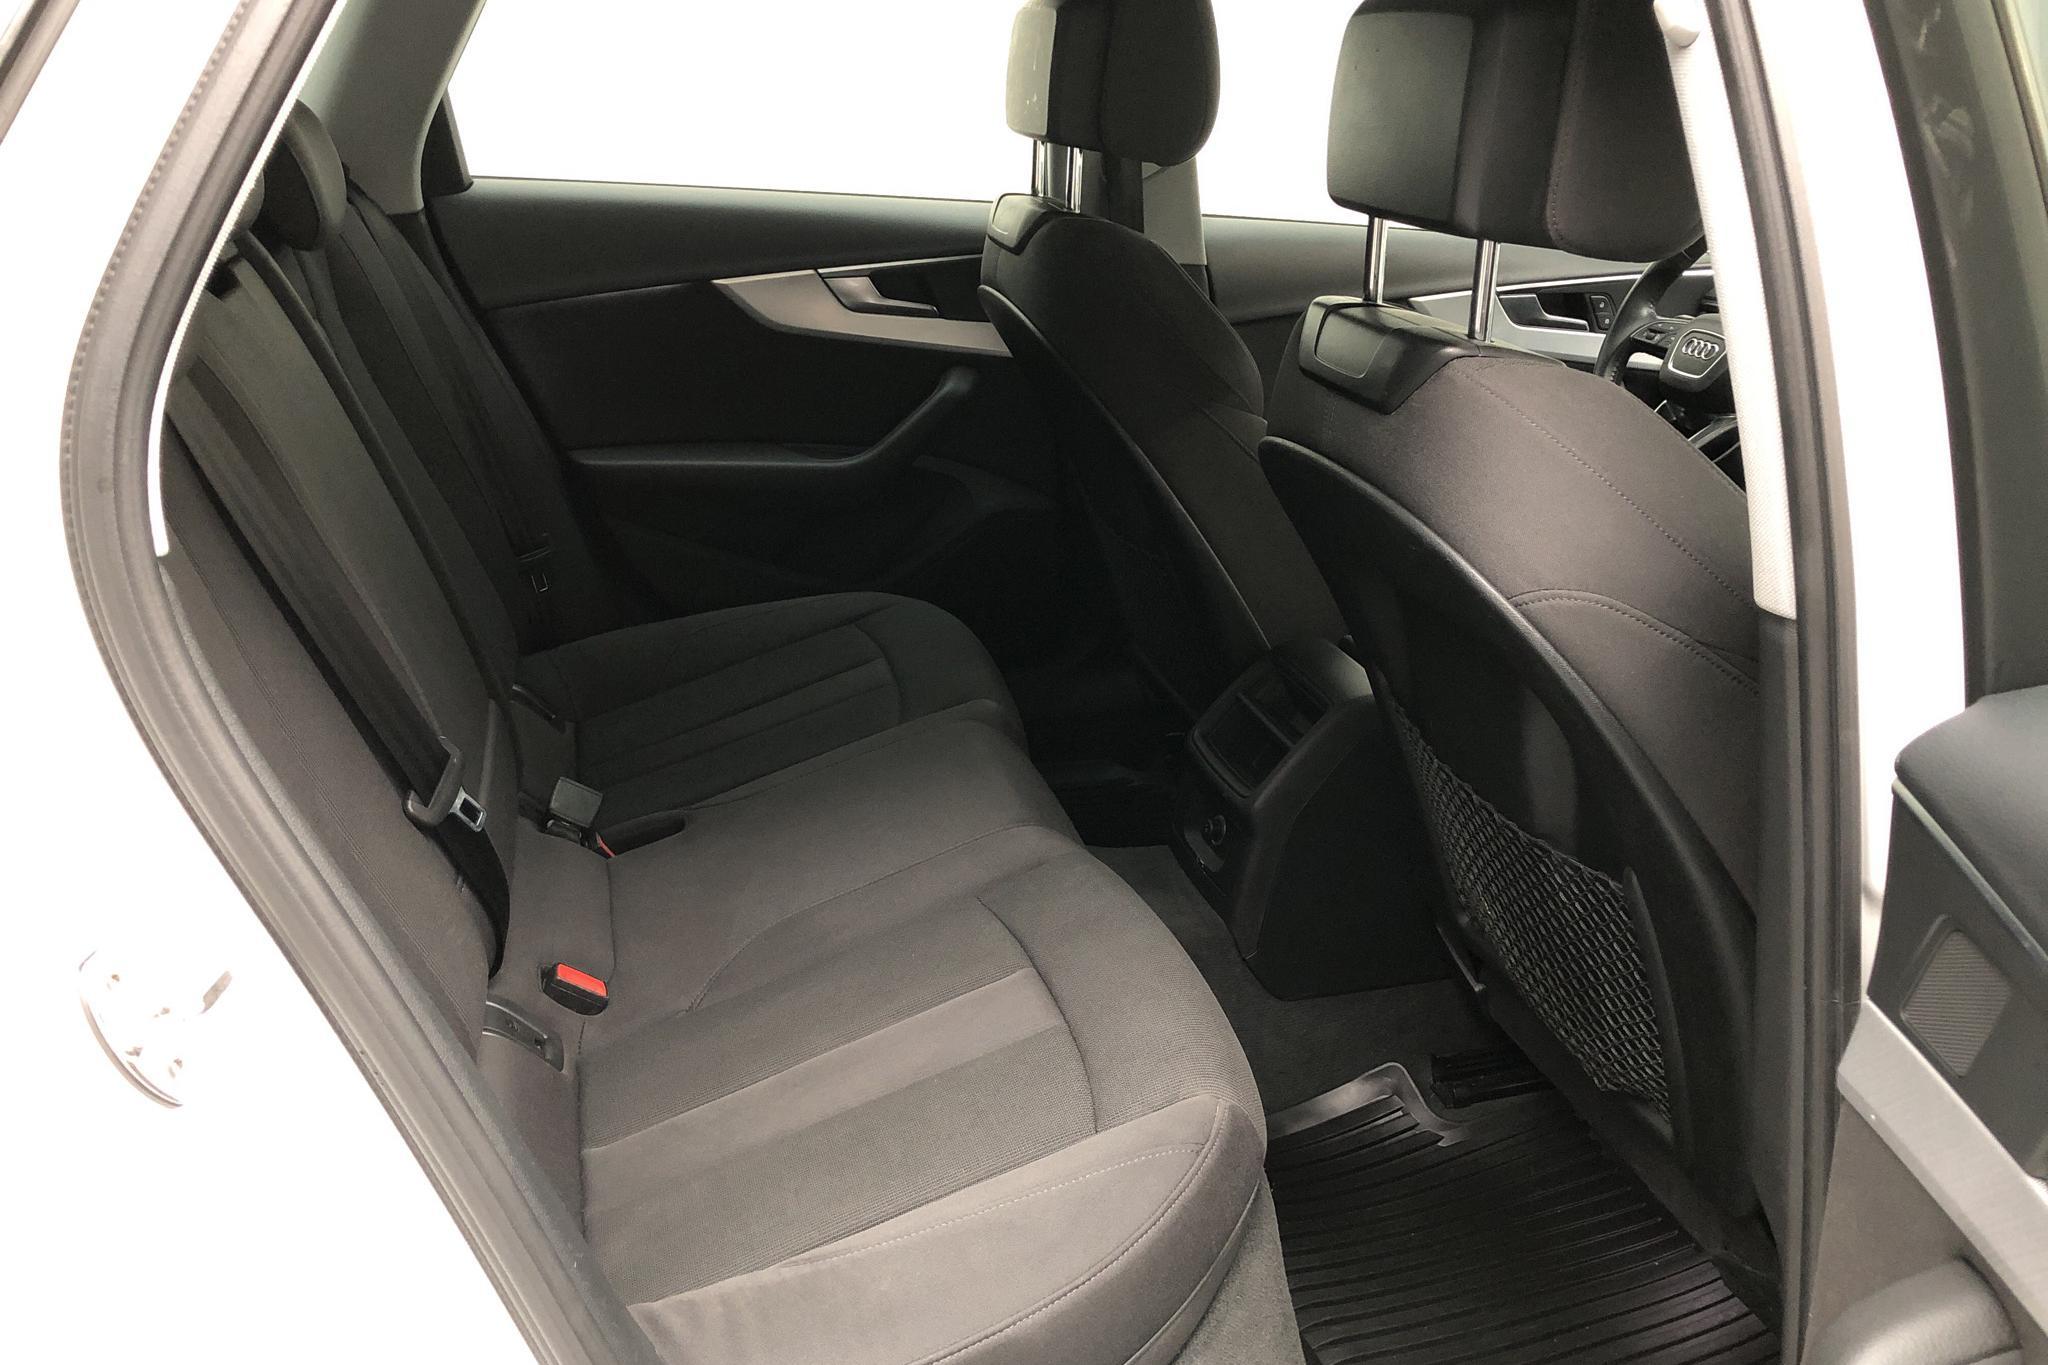 Audi A4 Allroad 2.0 TDI quattro (190hk) - 9 745 mil - Automat - vit - 2018